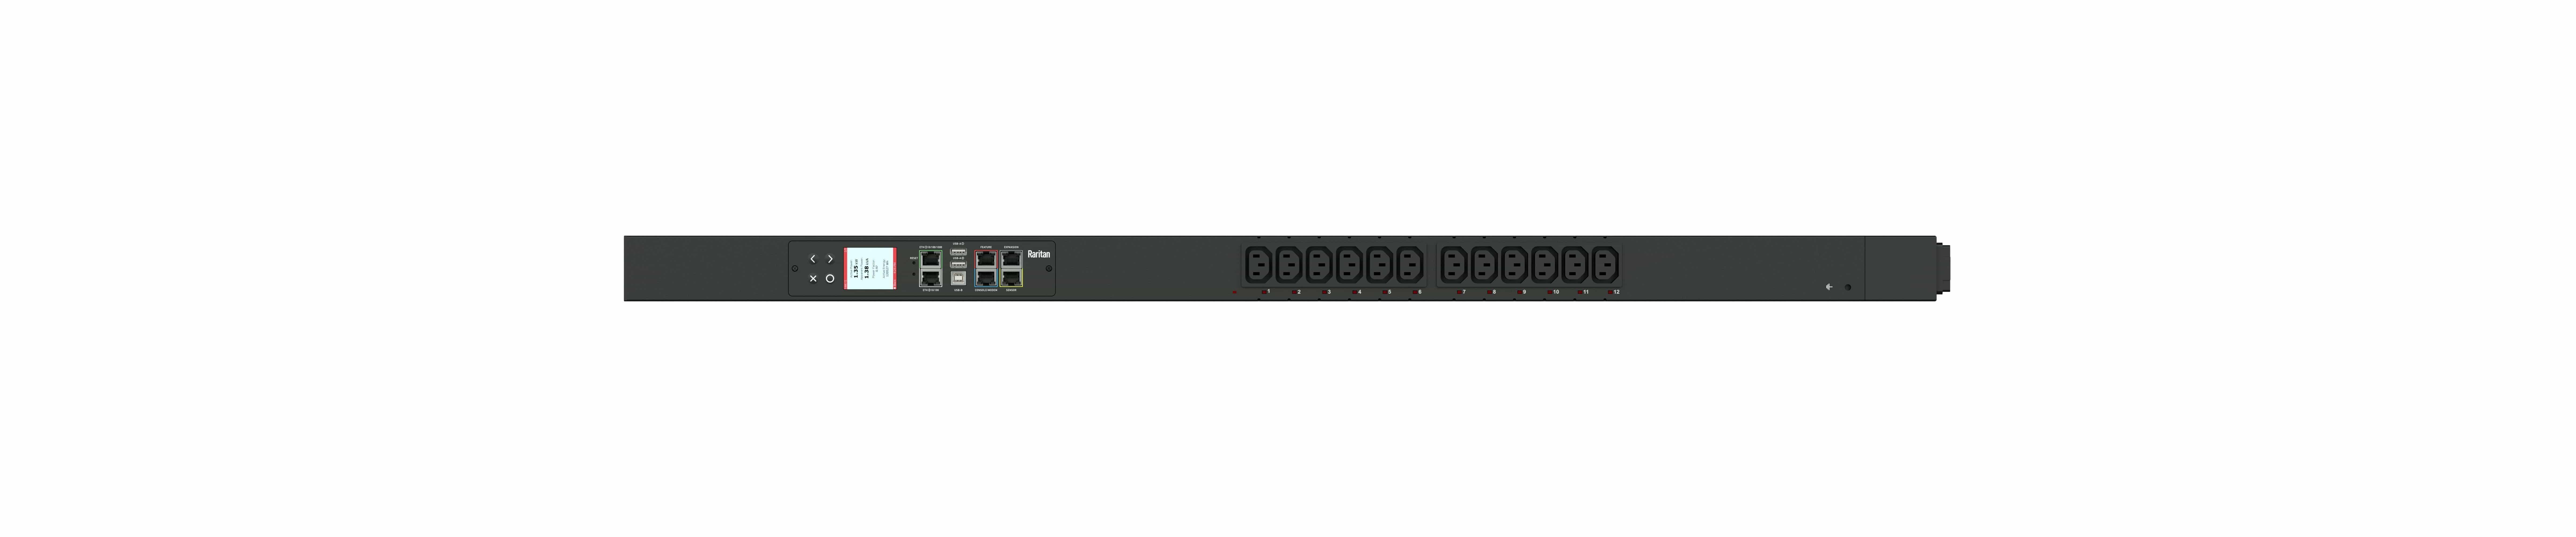 PX3-5260V - przemysłowa, inteligentna listwa zasilająca iPDU, Raritan